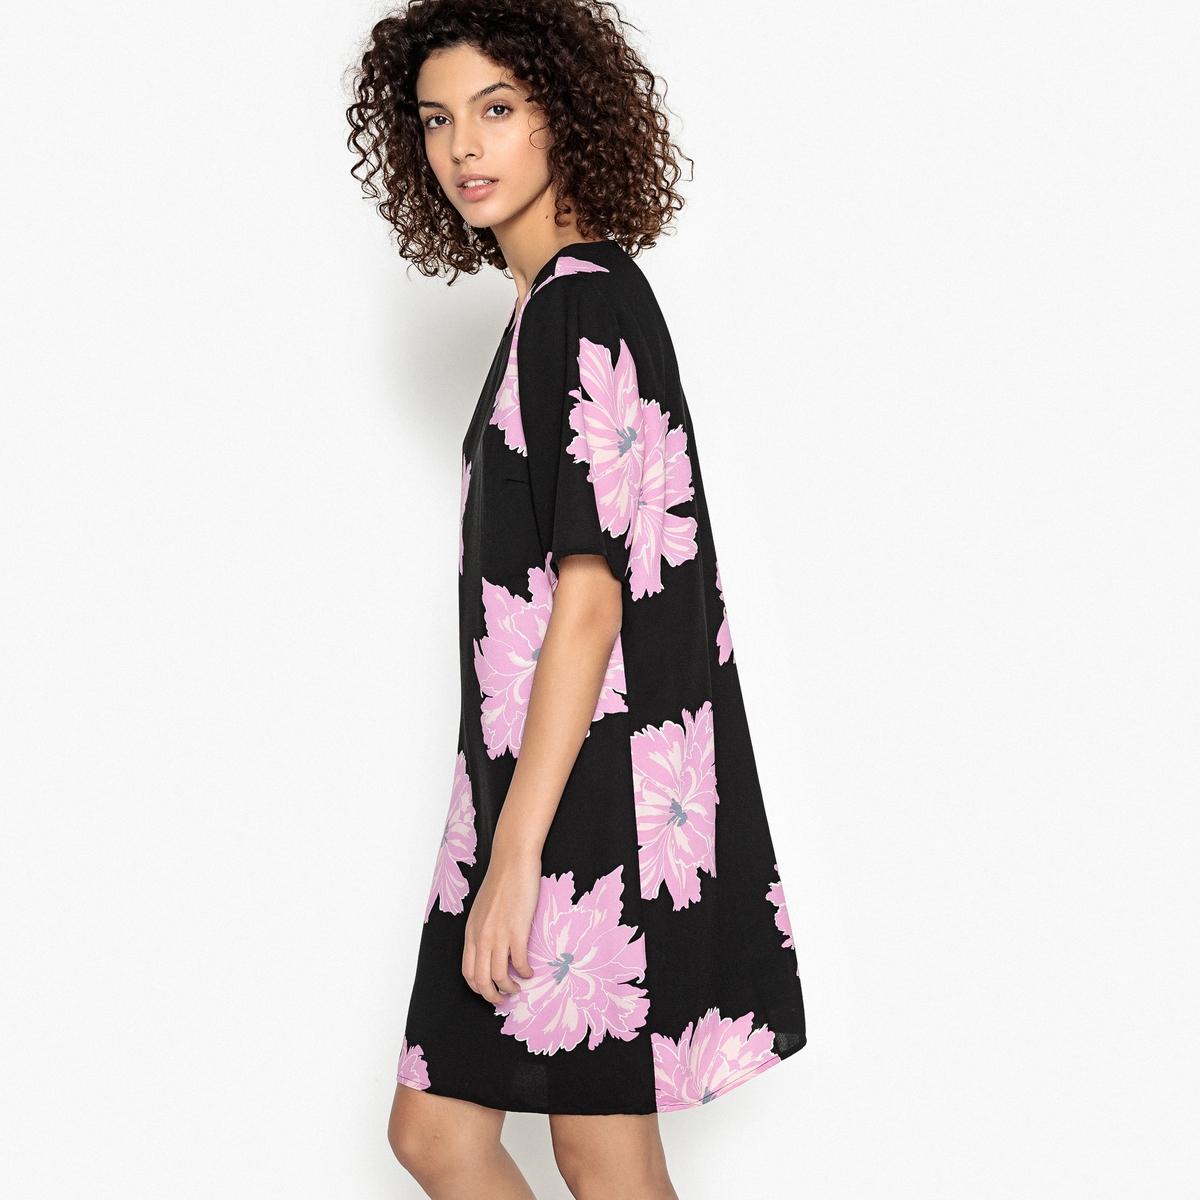 Prosta, krótka sukienka w kwiaty z krótkim rękawem